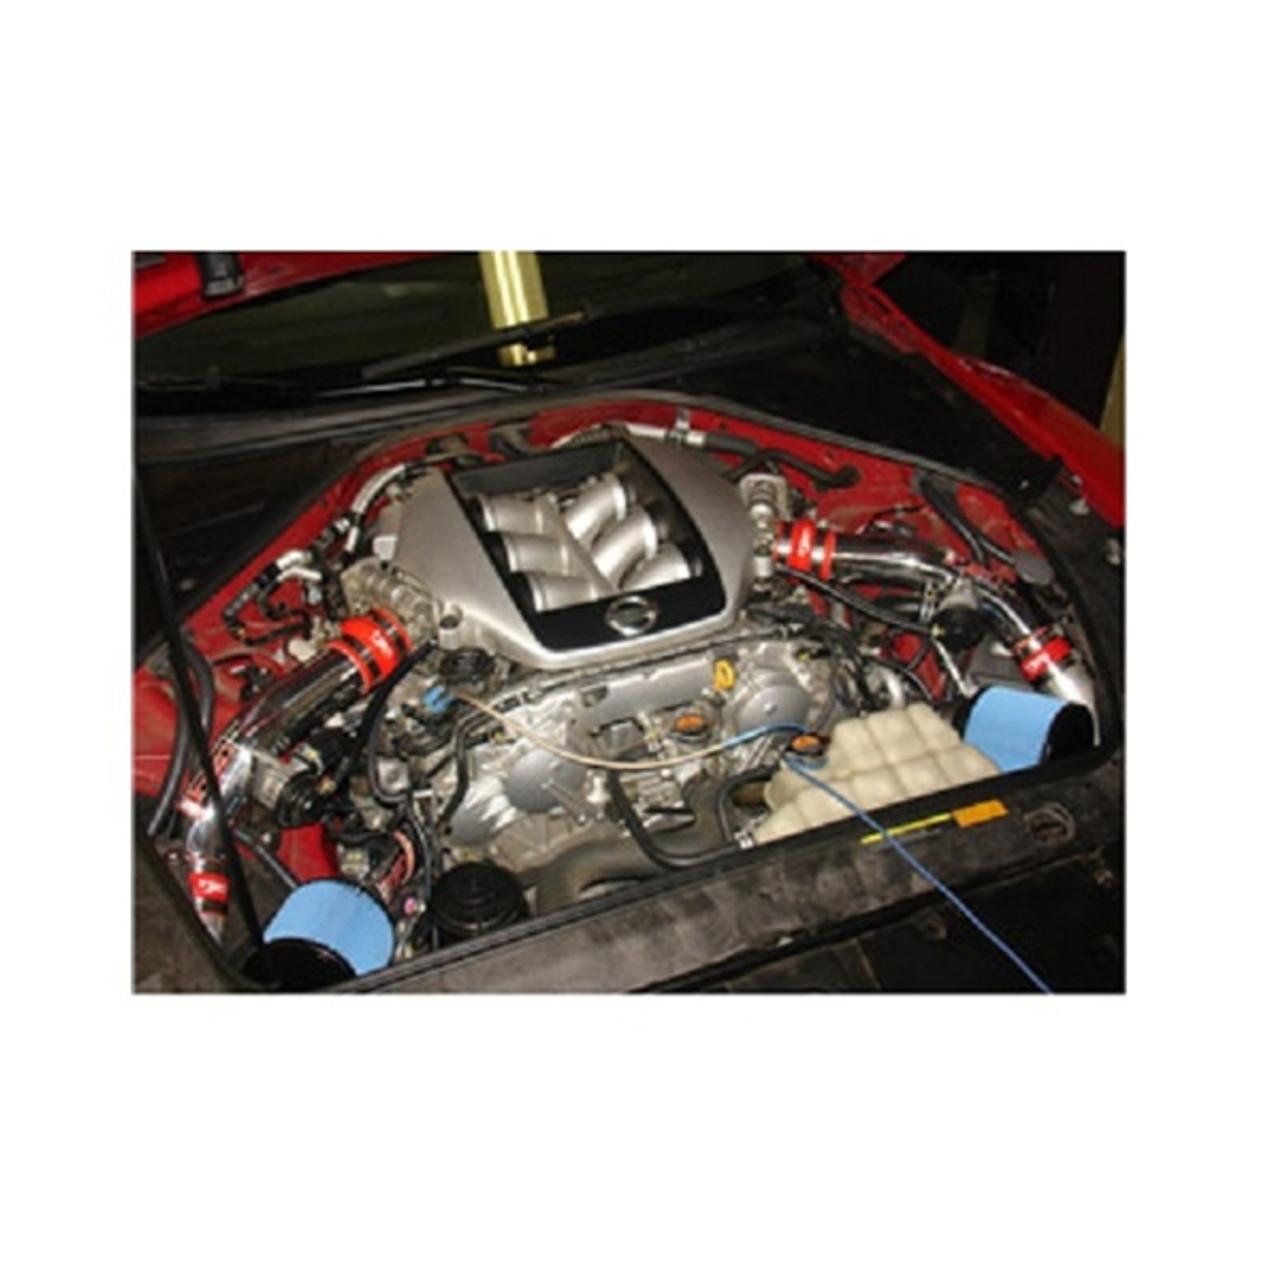 Injen SP Series Black AL Cold Air Intake for Hyundai Genesis Coupe 2.0T 13-14